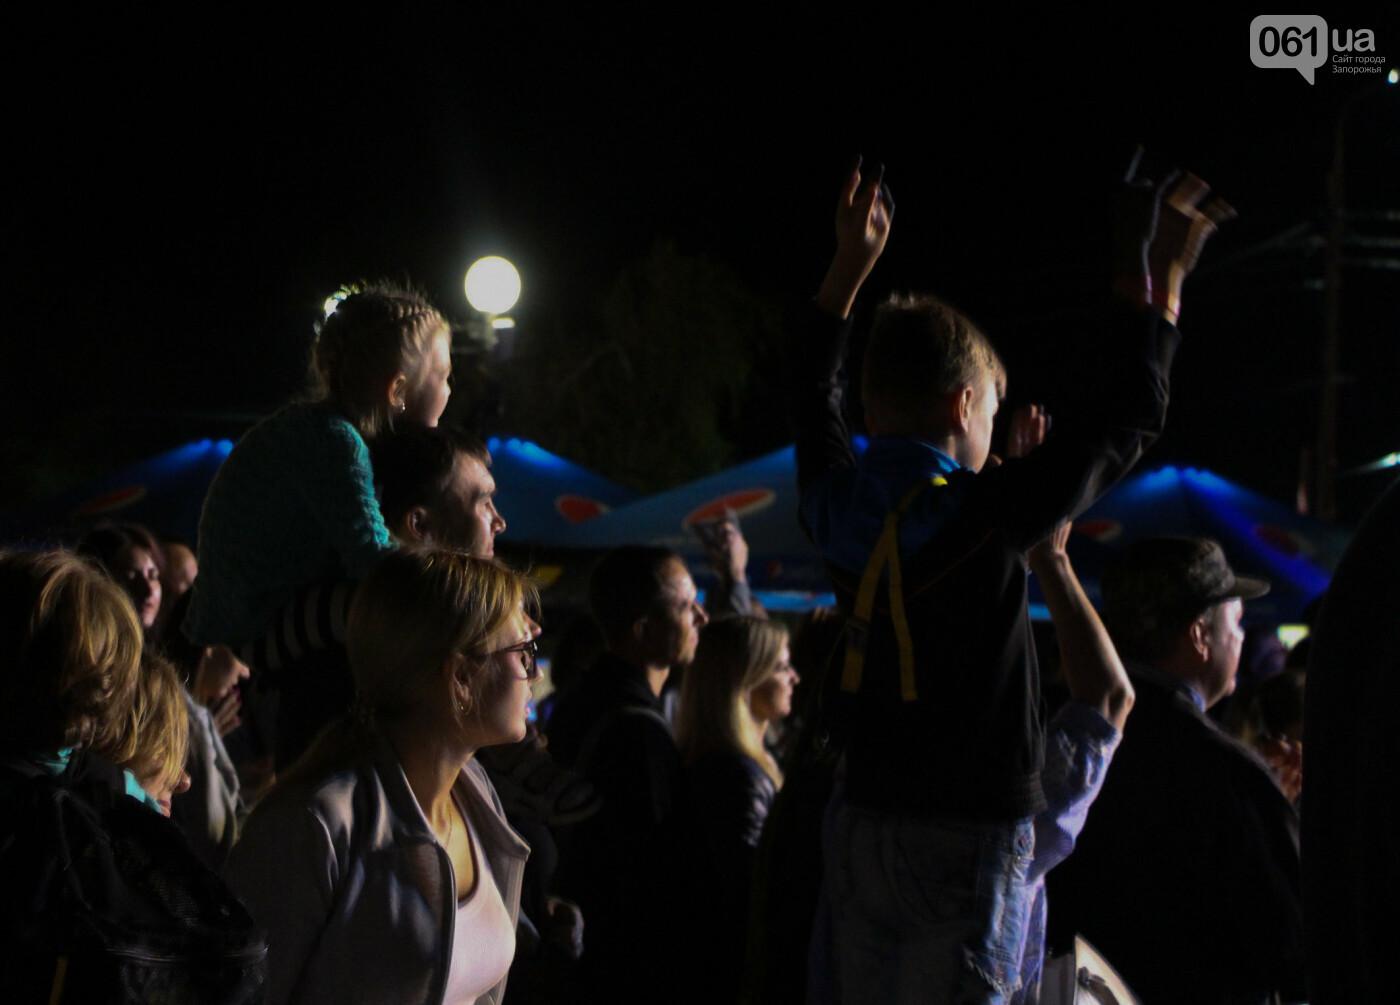 Концерт группы «Жадан і Собаки» собрал сотни запорожцев: как это было, - ФОТОРЕПОРТАЖ, фото-22